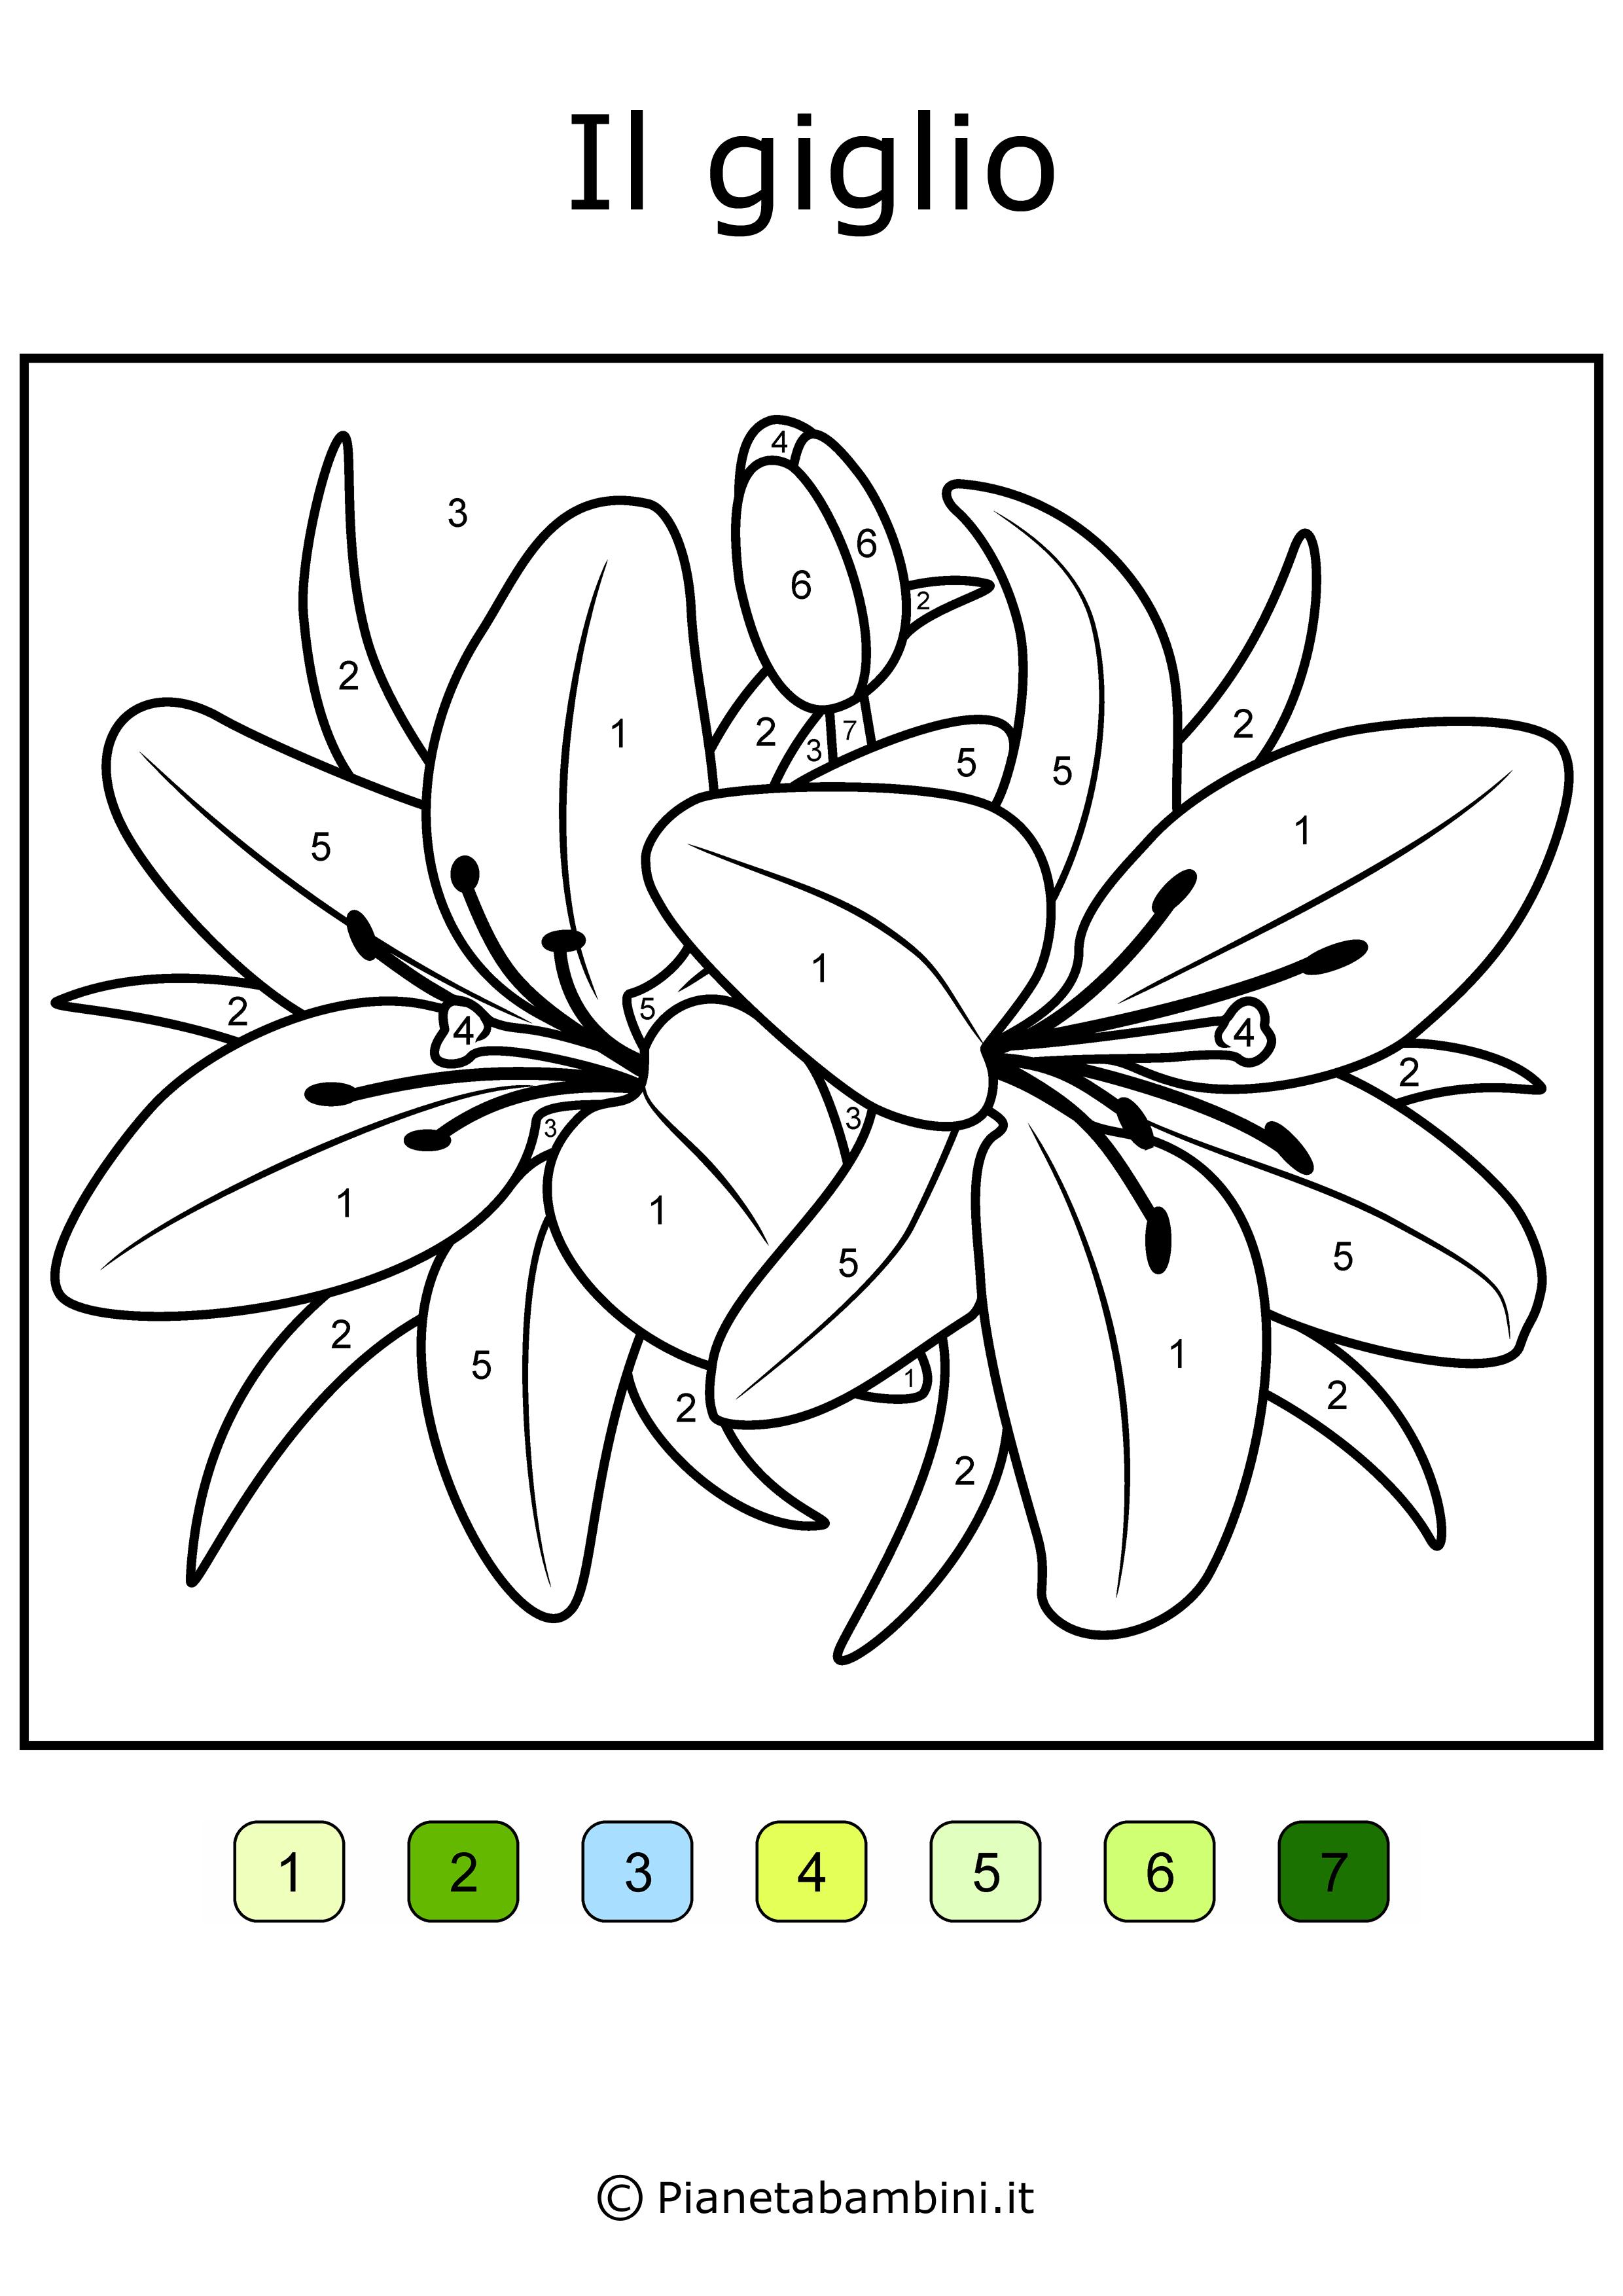 Conta-e-Colora-Semplice-Giglio